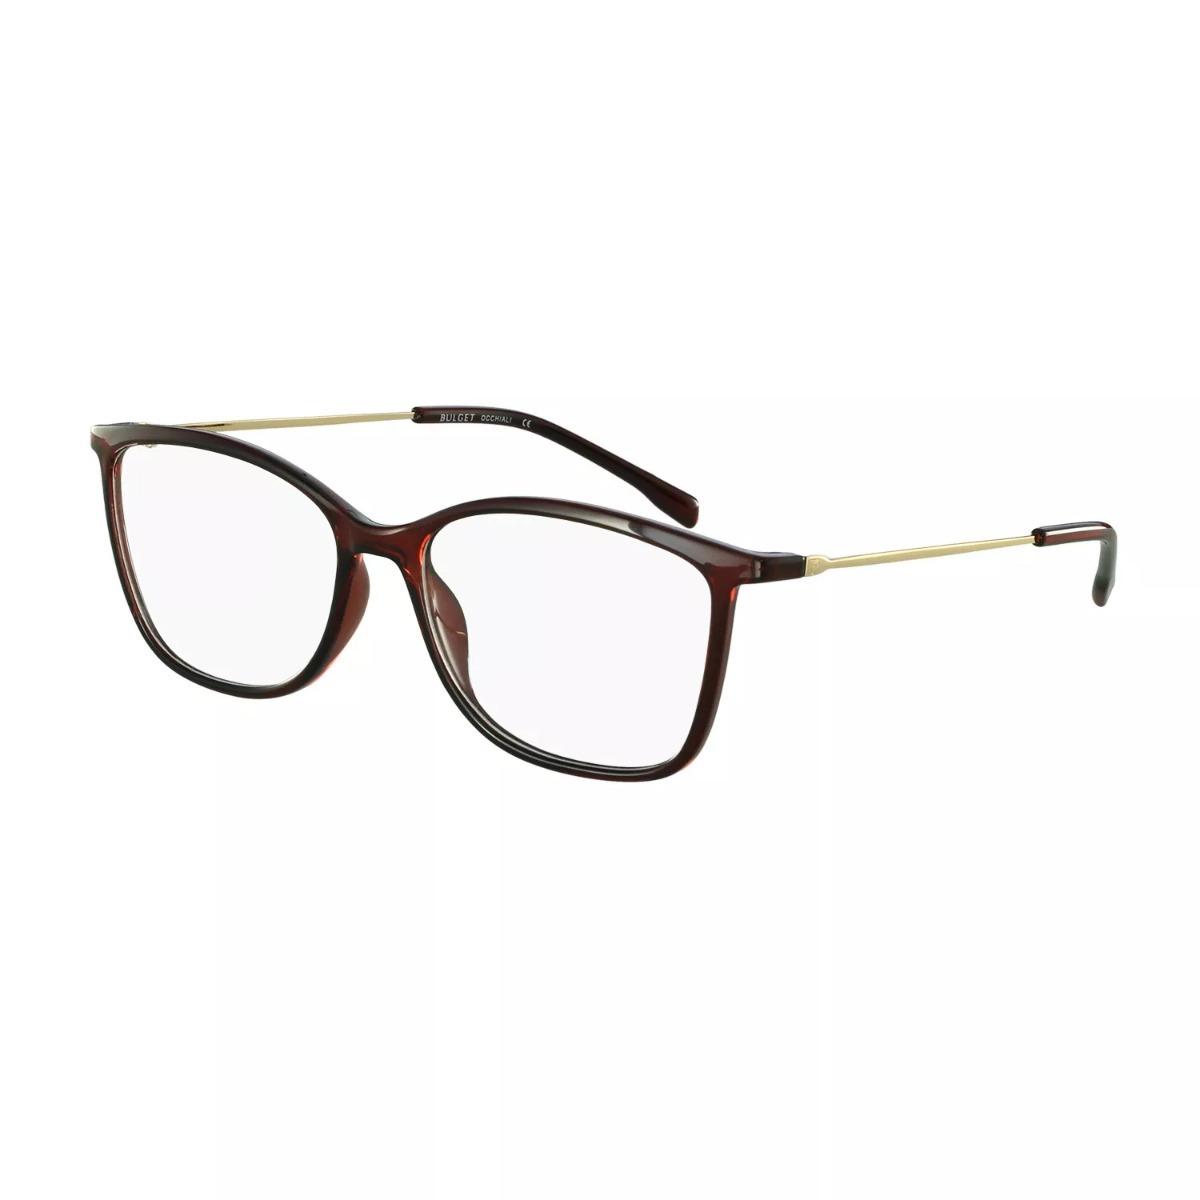 ef4e33de5 Armação Óculos De Grau Bulget Feminino Bg4044 T01 - R$ 237,50 em ...